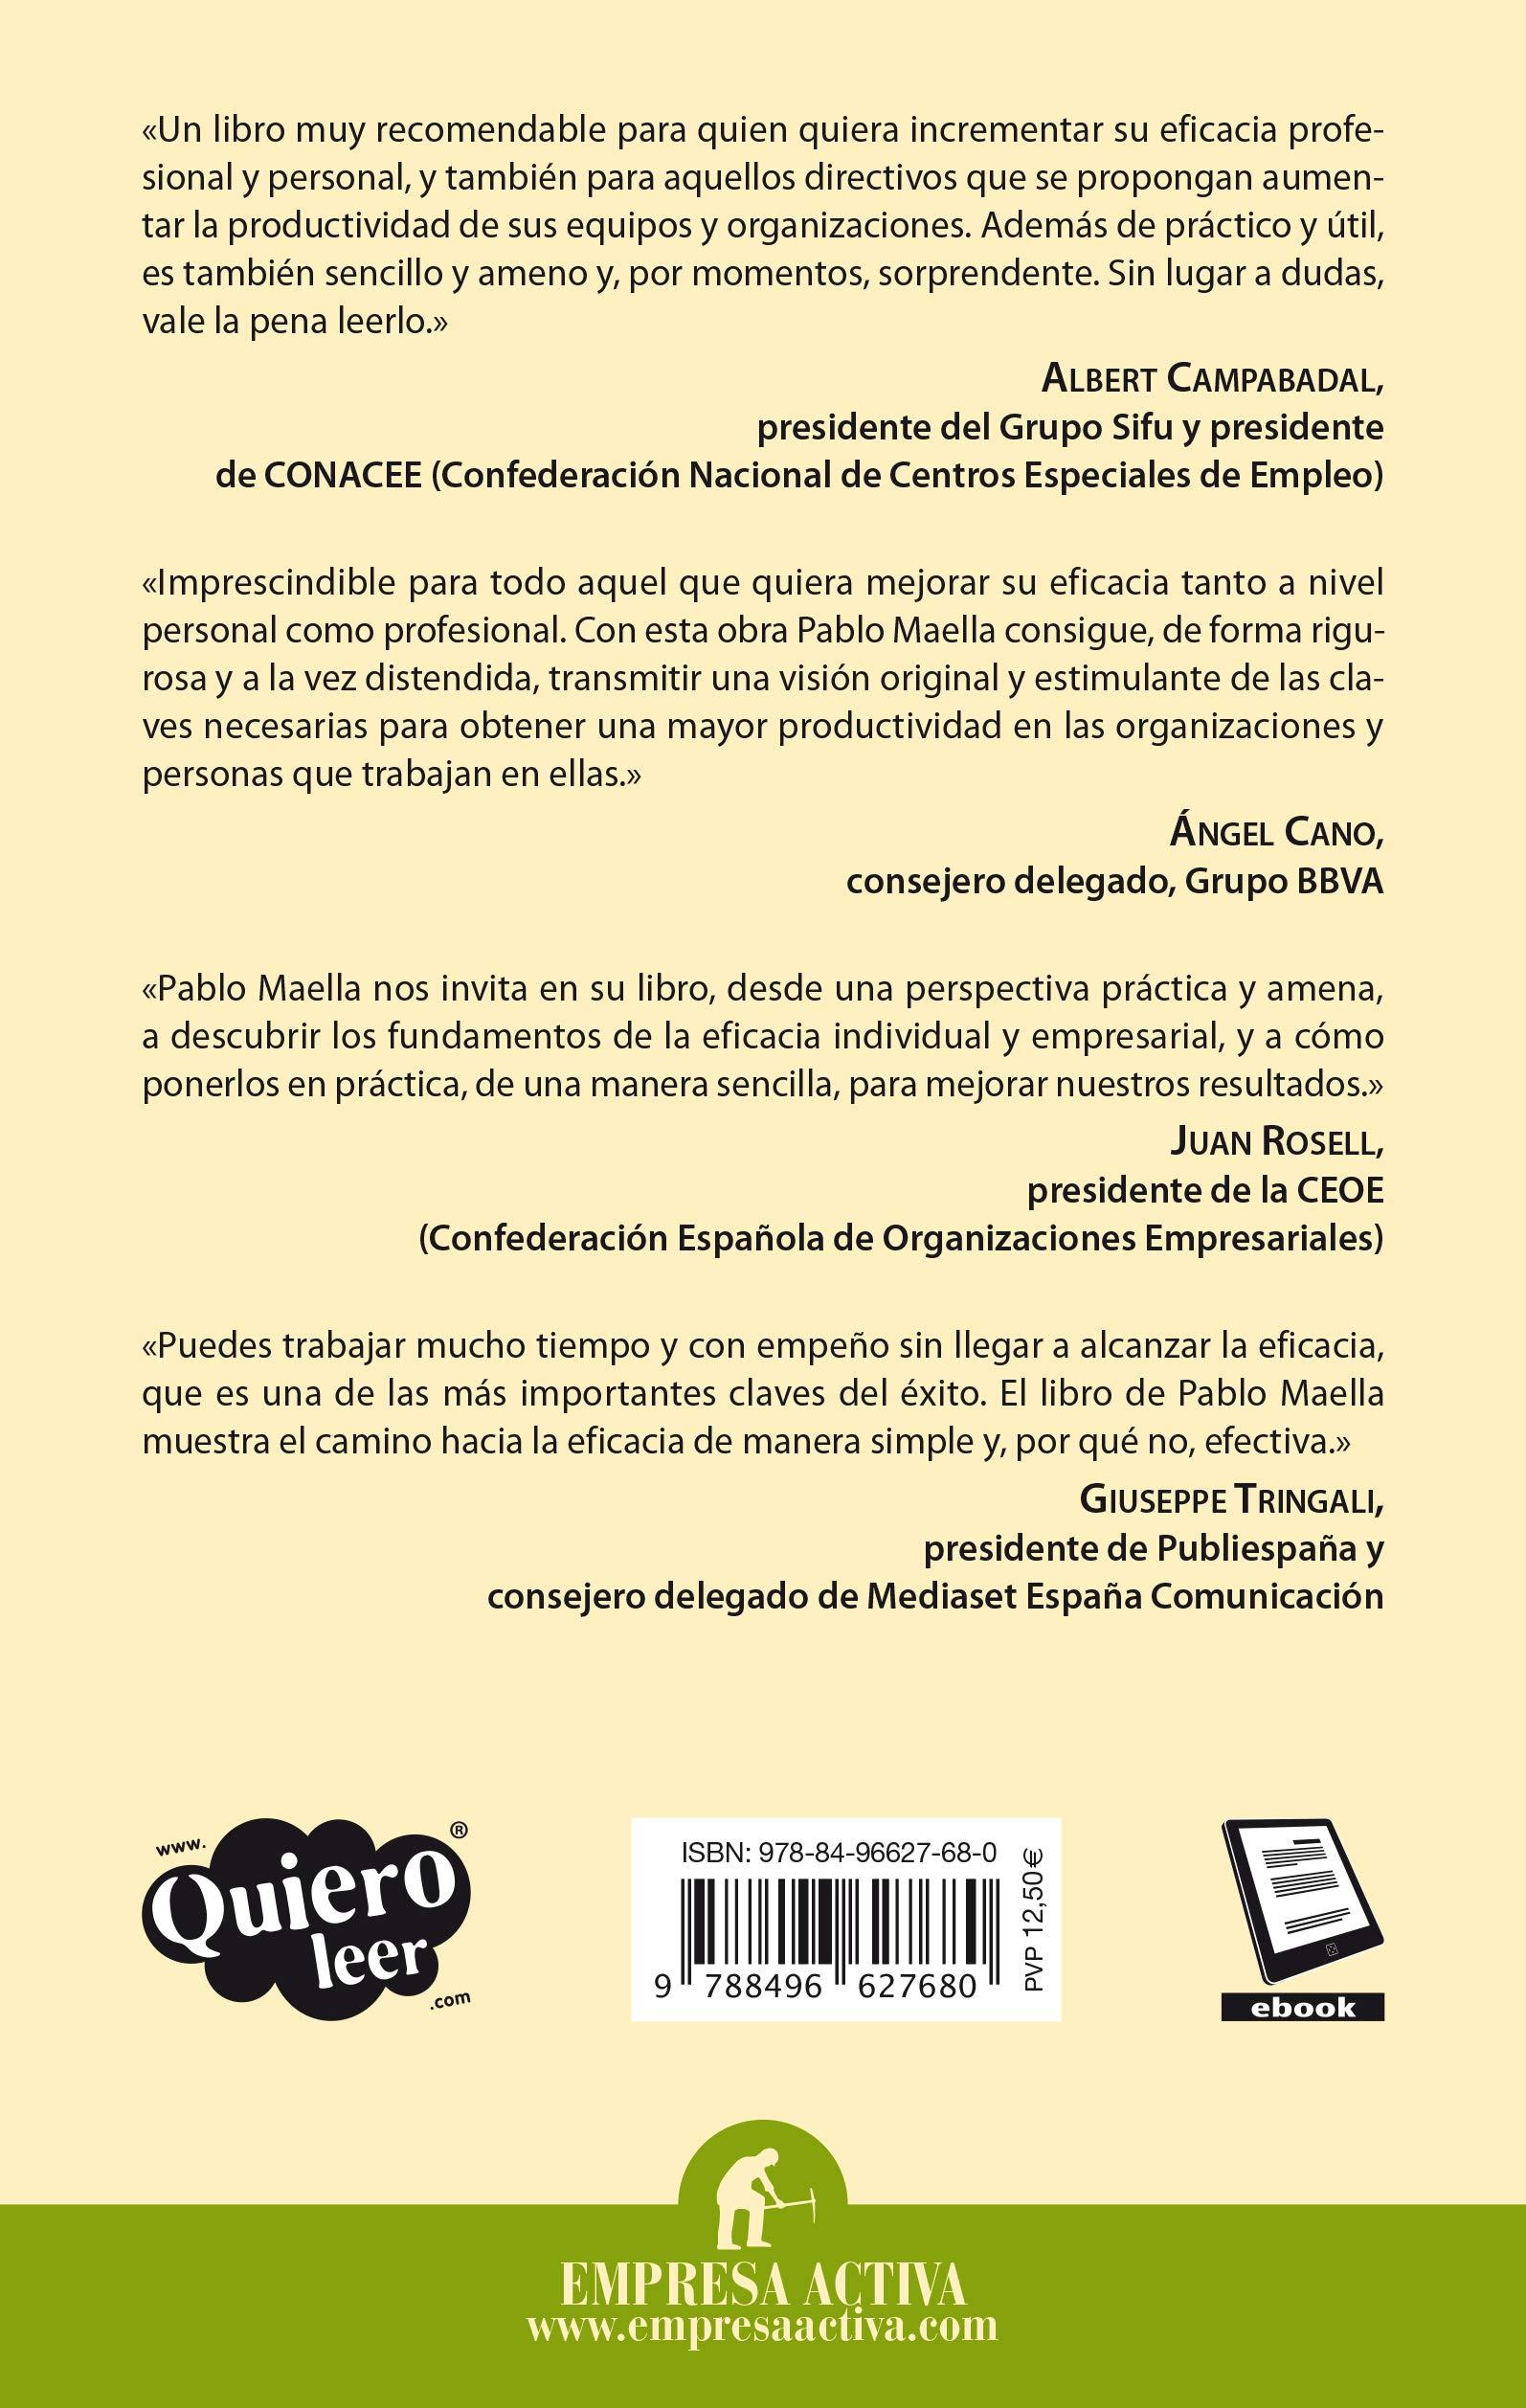 La casa de la eficacia: Cómo sentar las bases de la productividad personal y organizacional Gestión del conocimiento: Amazon.es: Maella Cerrillo, Pablo: Libros